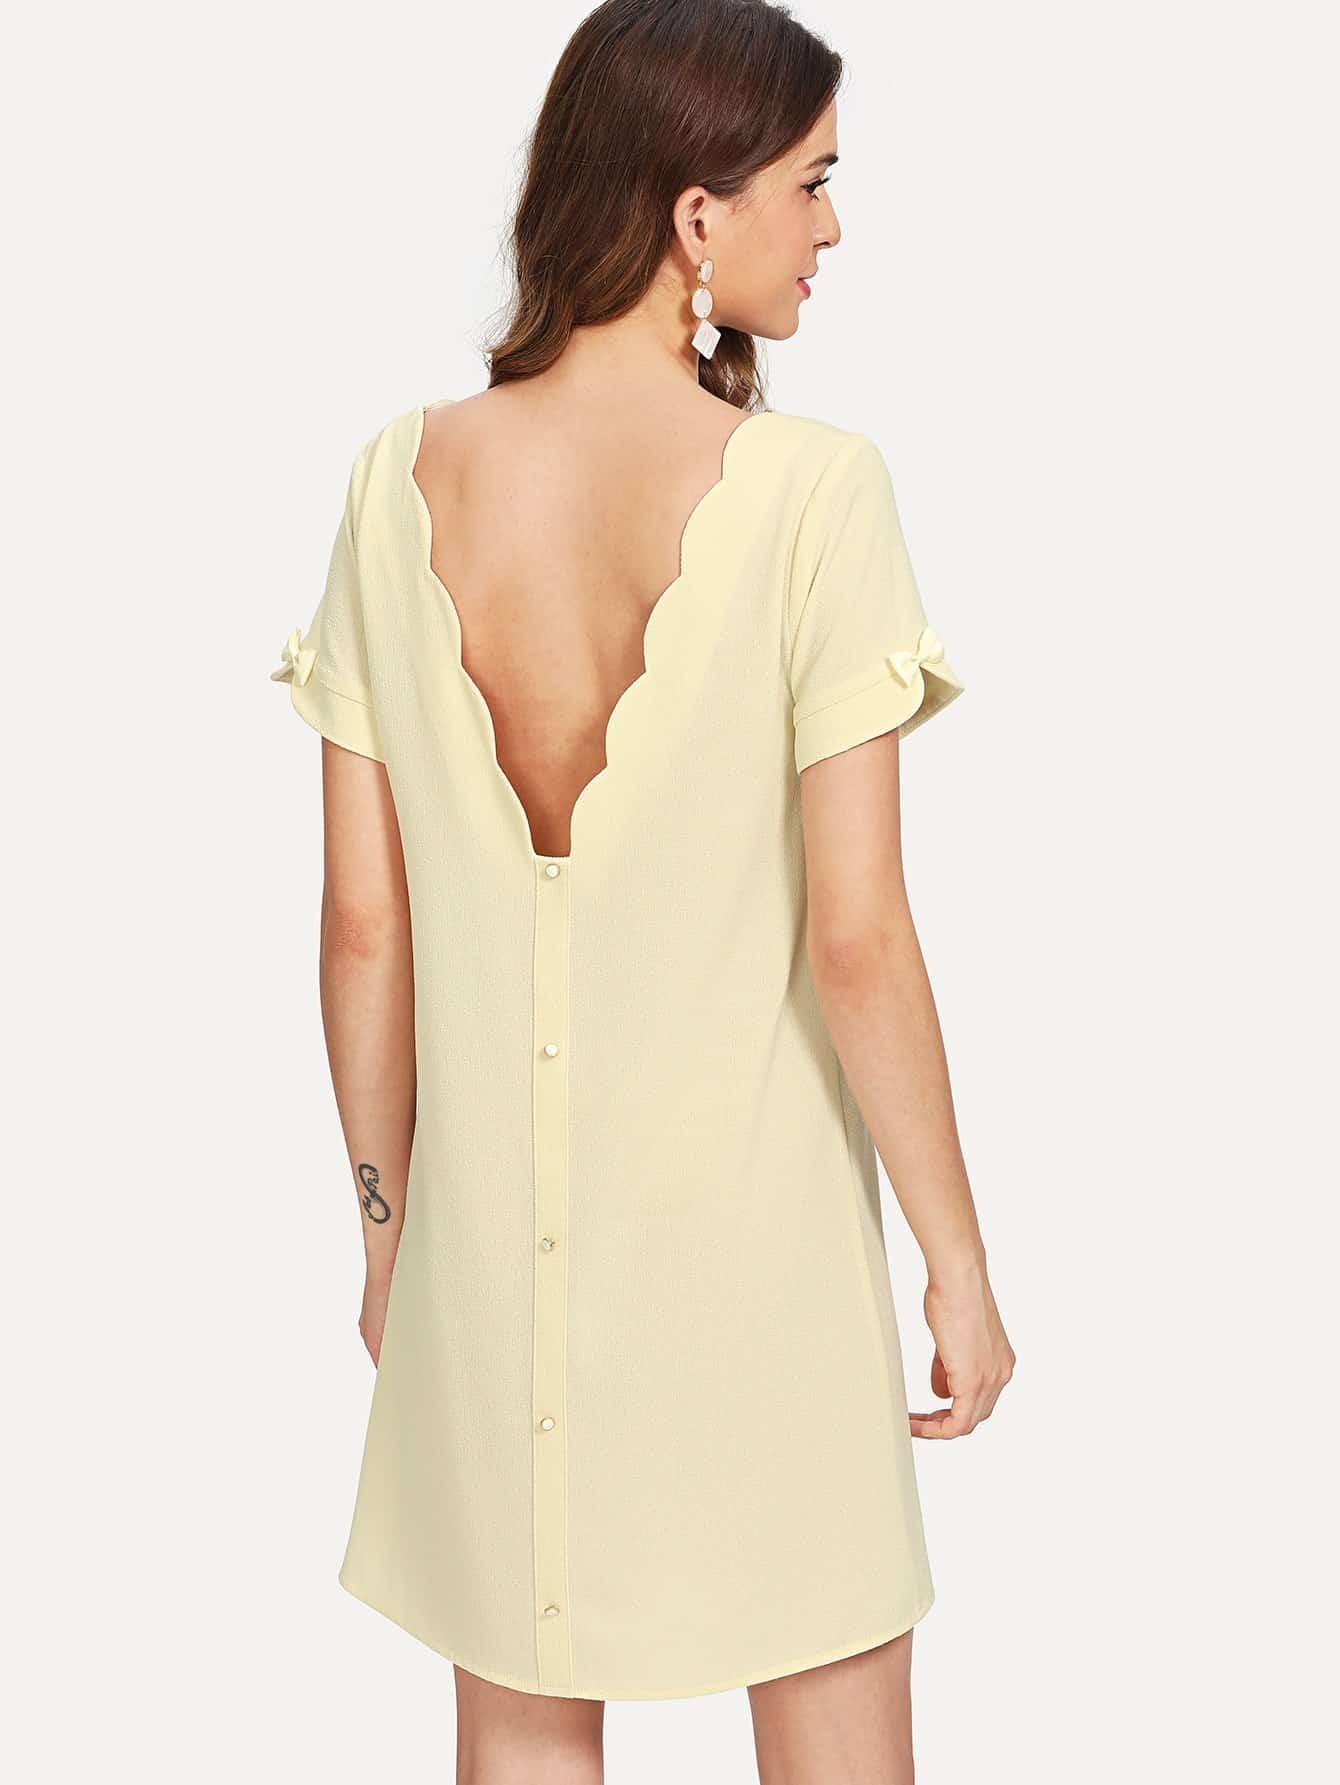 Купить Платье туника с бантом, Jana, SheIn